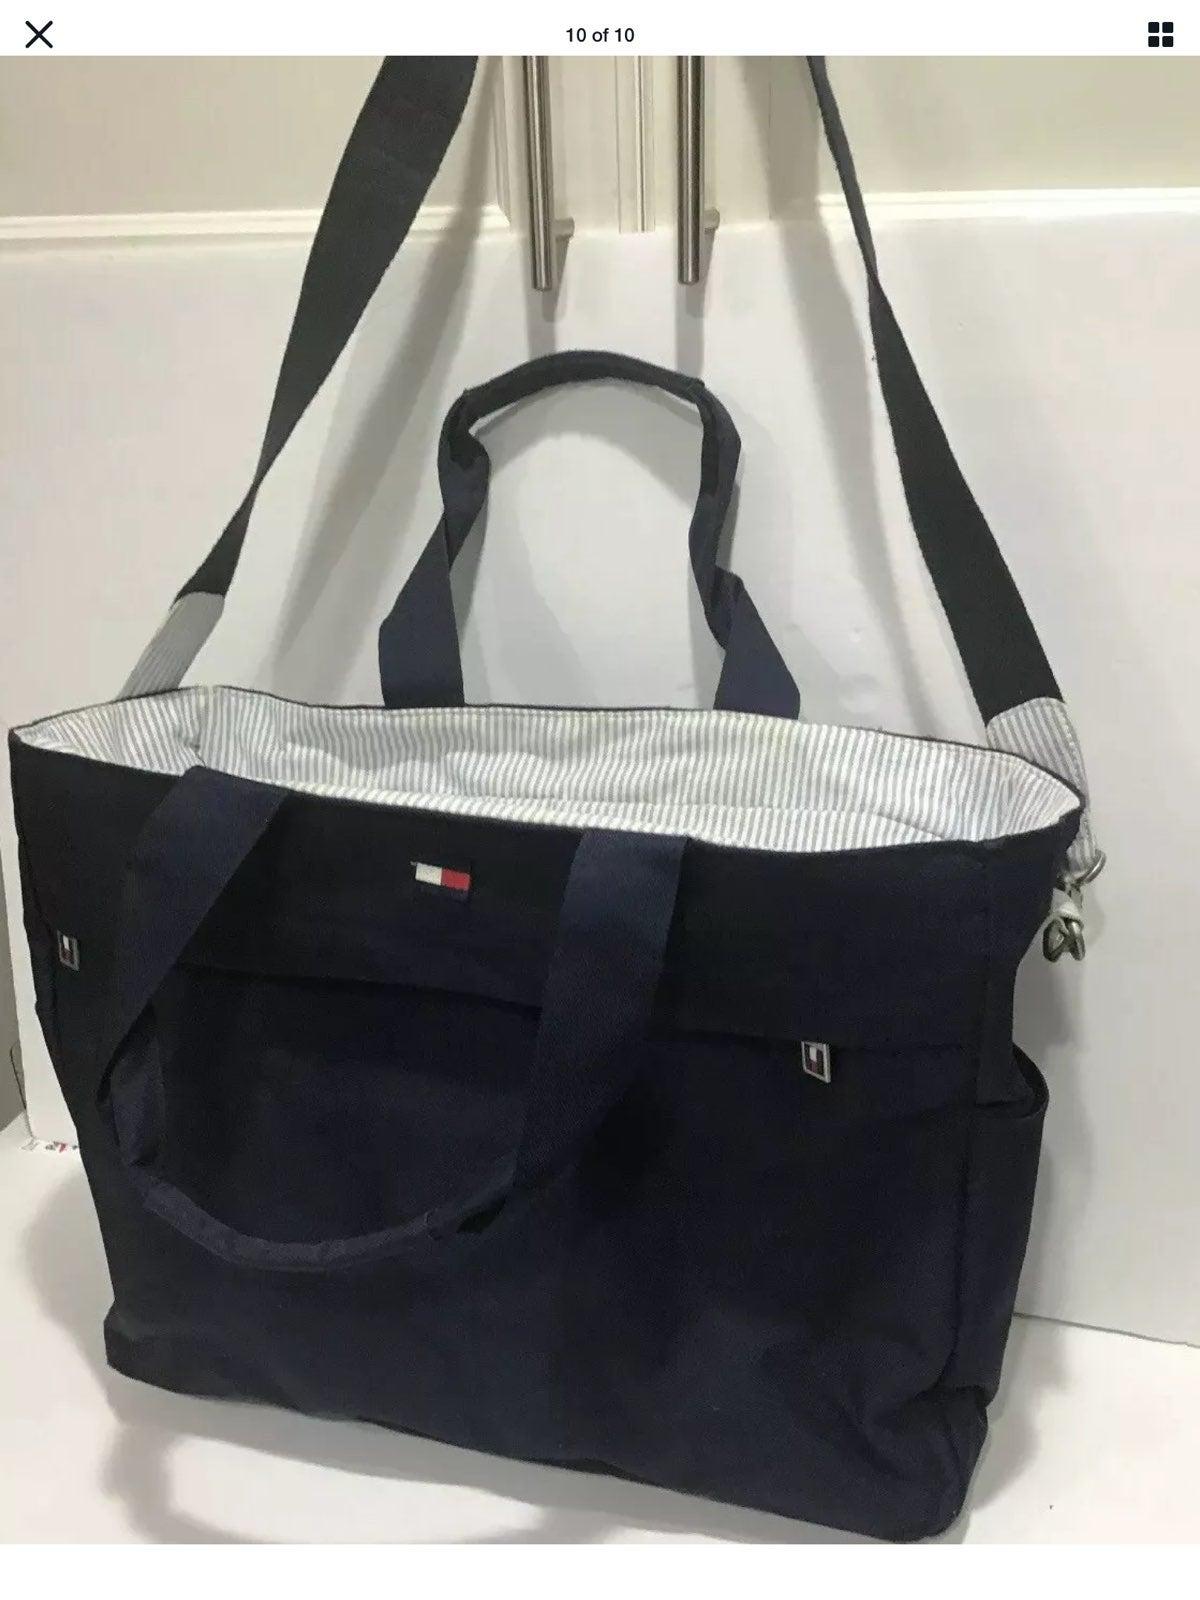 Vng Tommy Hilfiger Travel Lunch Bag Tote